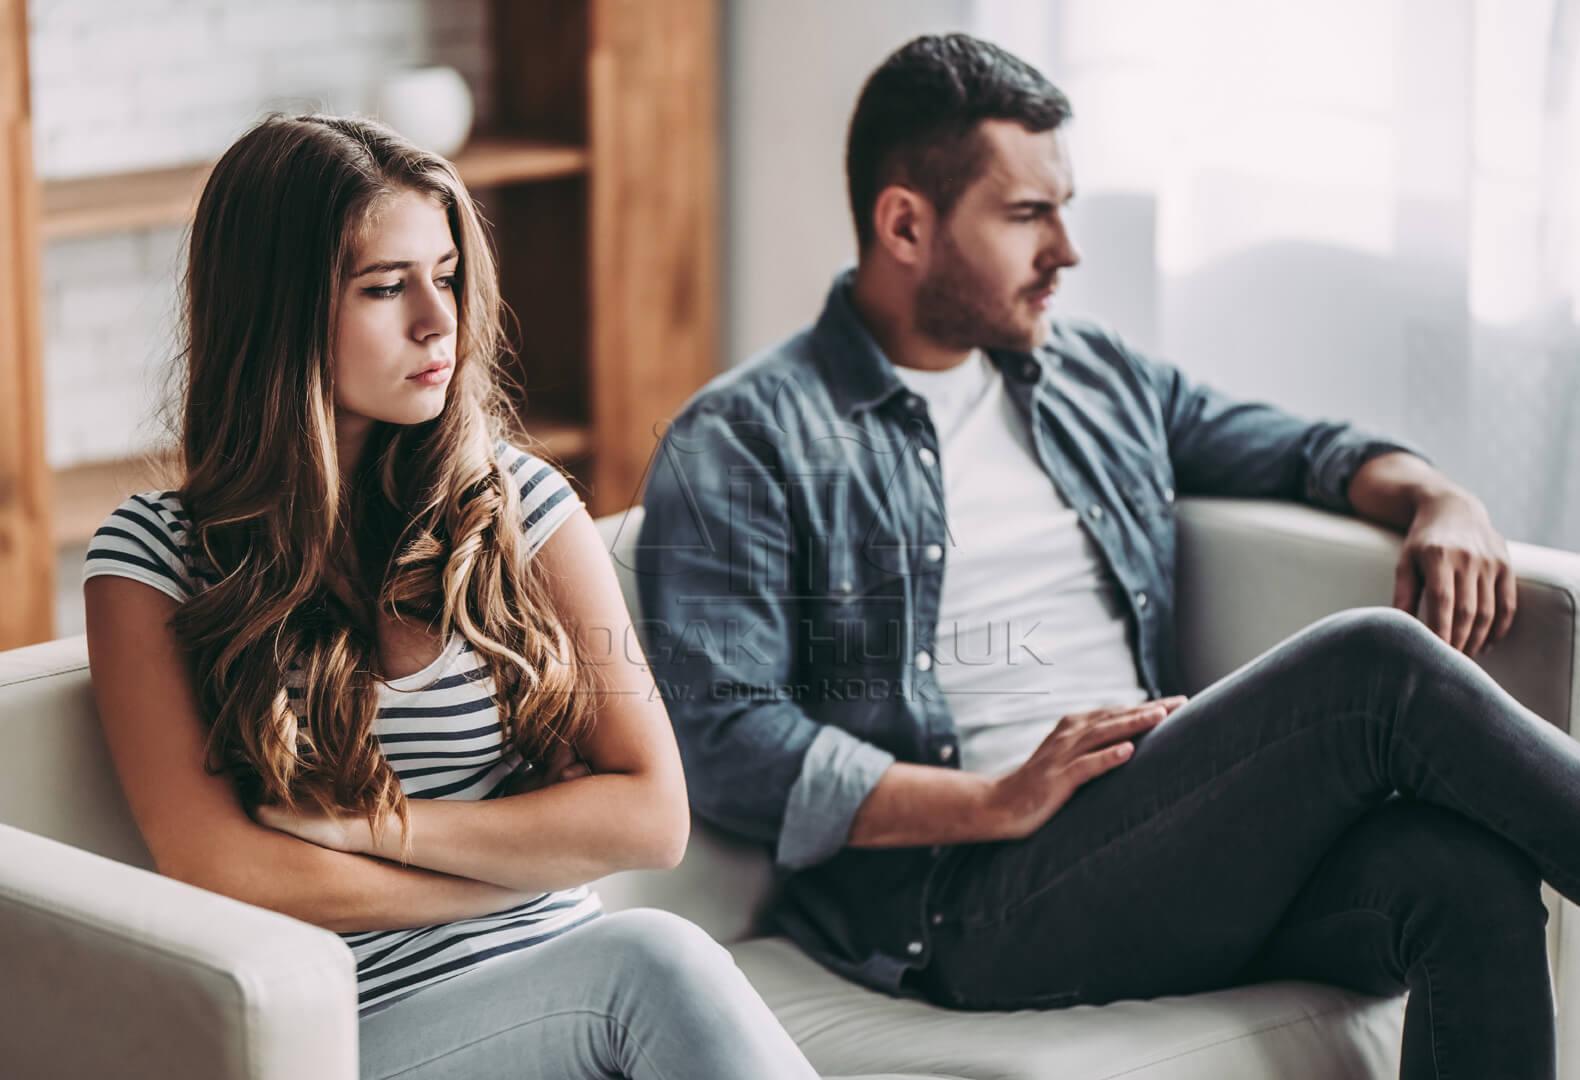 Kocak Hukuk | Boşanma Davasından Feragat ve Vazgeçme Mümkün Mü?